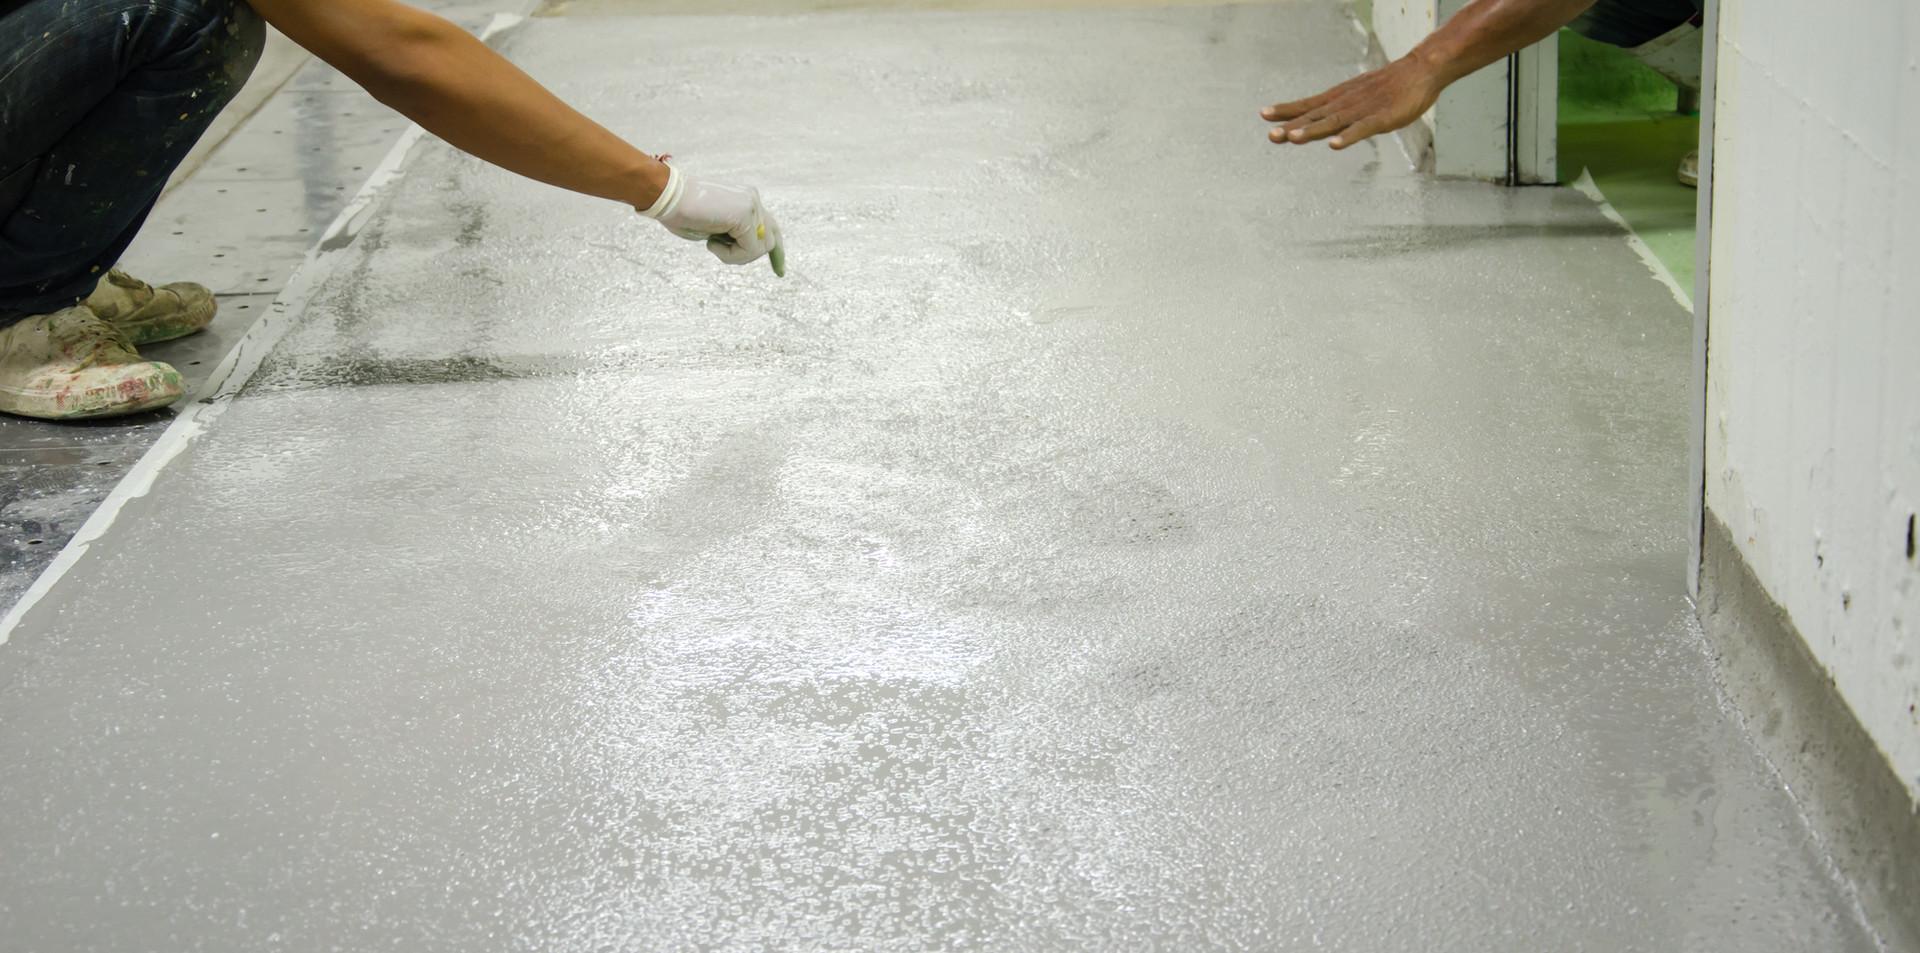 mans work epoxy floor.jpg